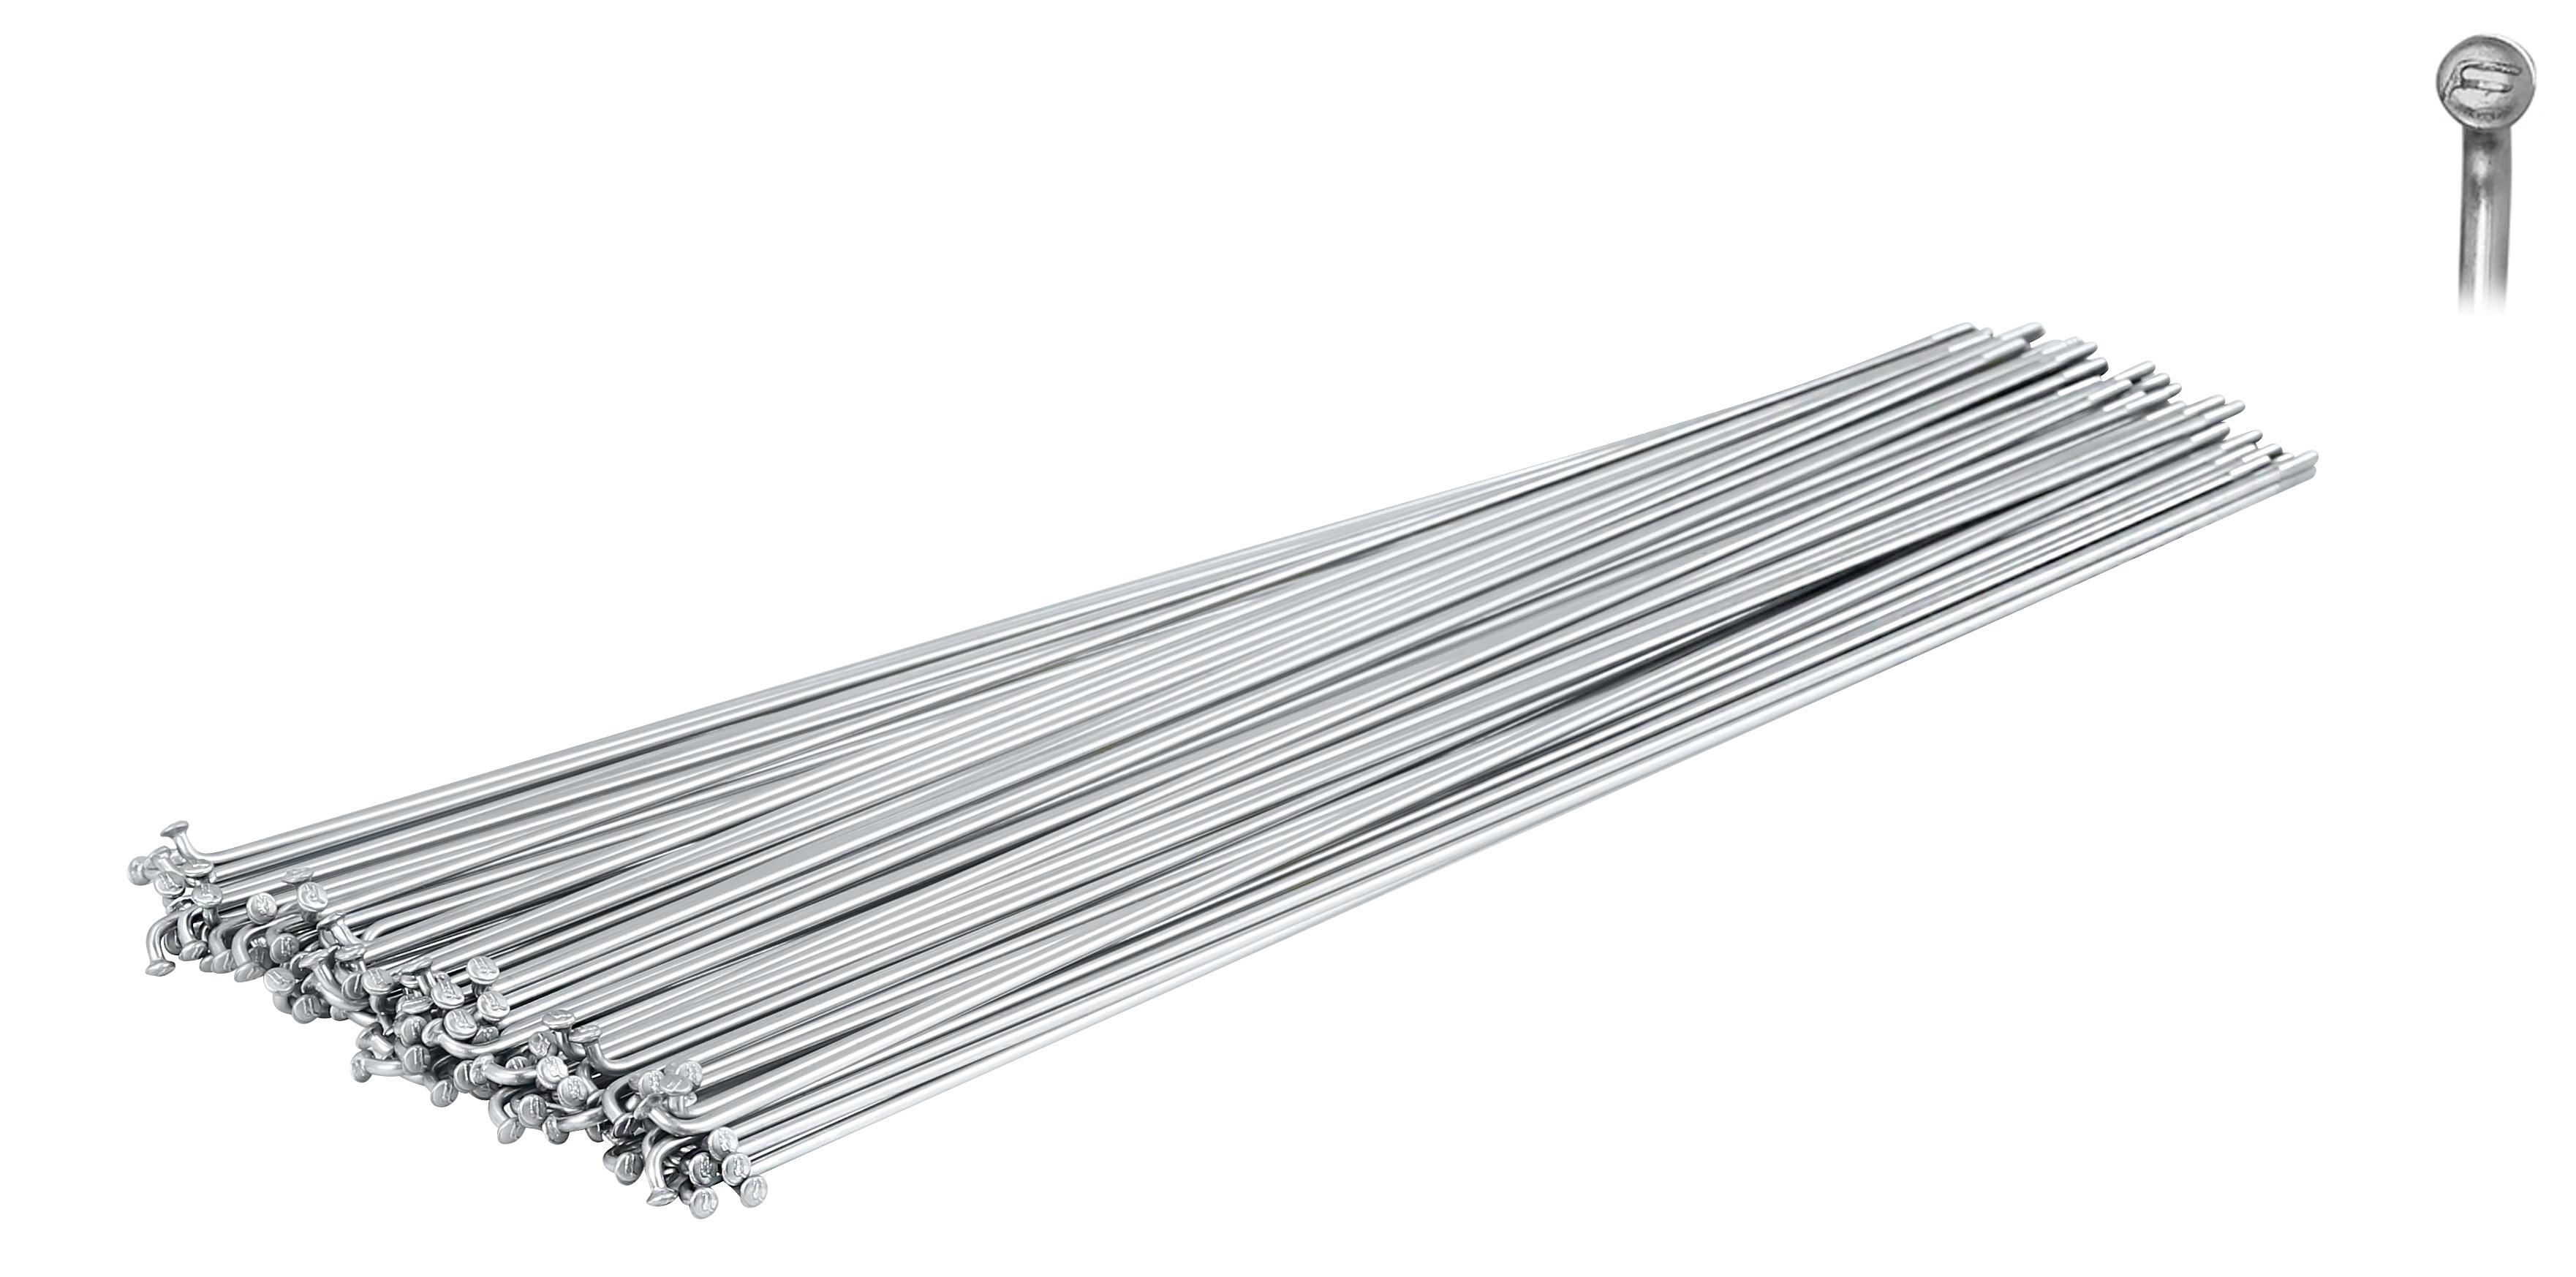 dráty FORCE nerez stříbrné 2 mm x 280 mm